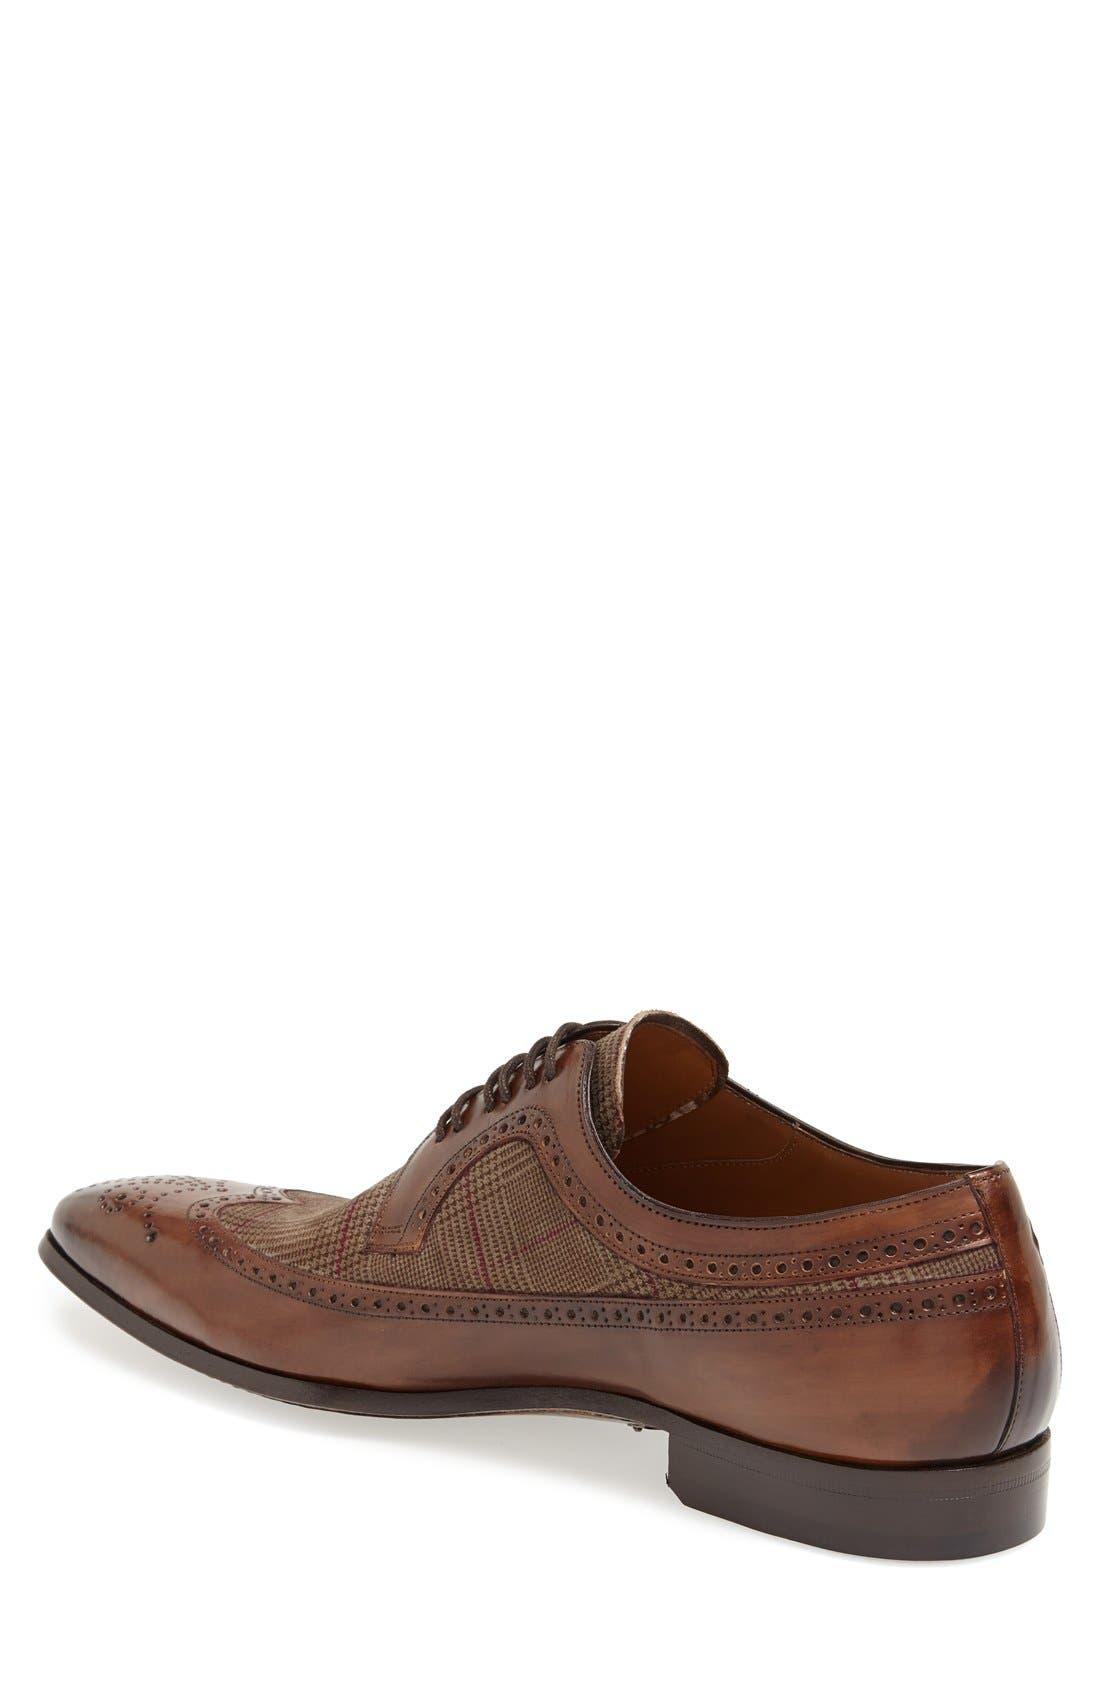 'Johann' Spectator Shoe,                             Alternate thumbnail 6, color,